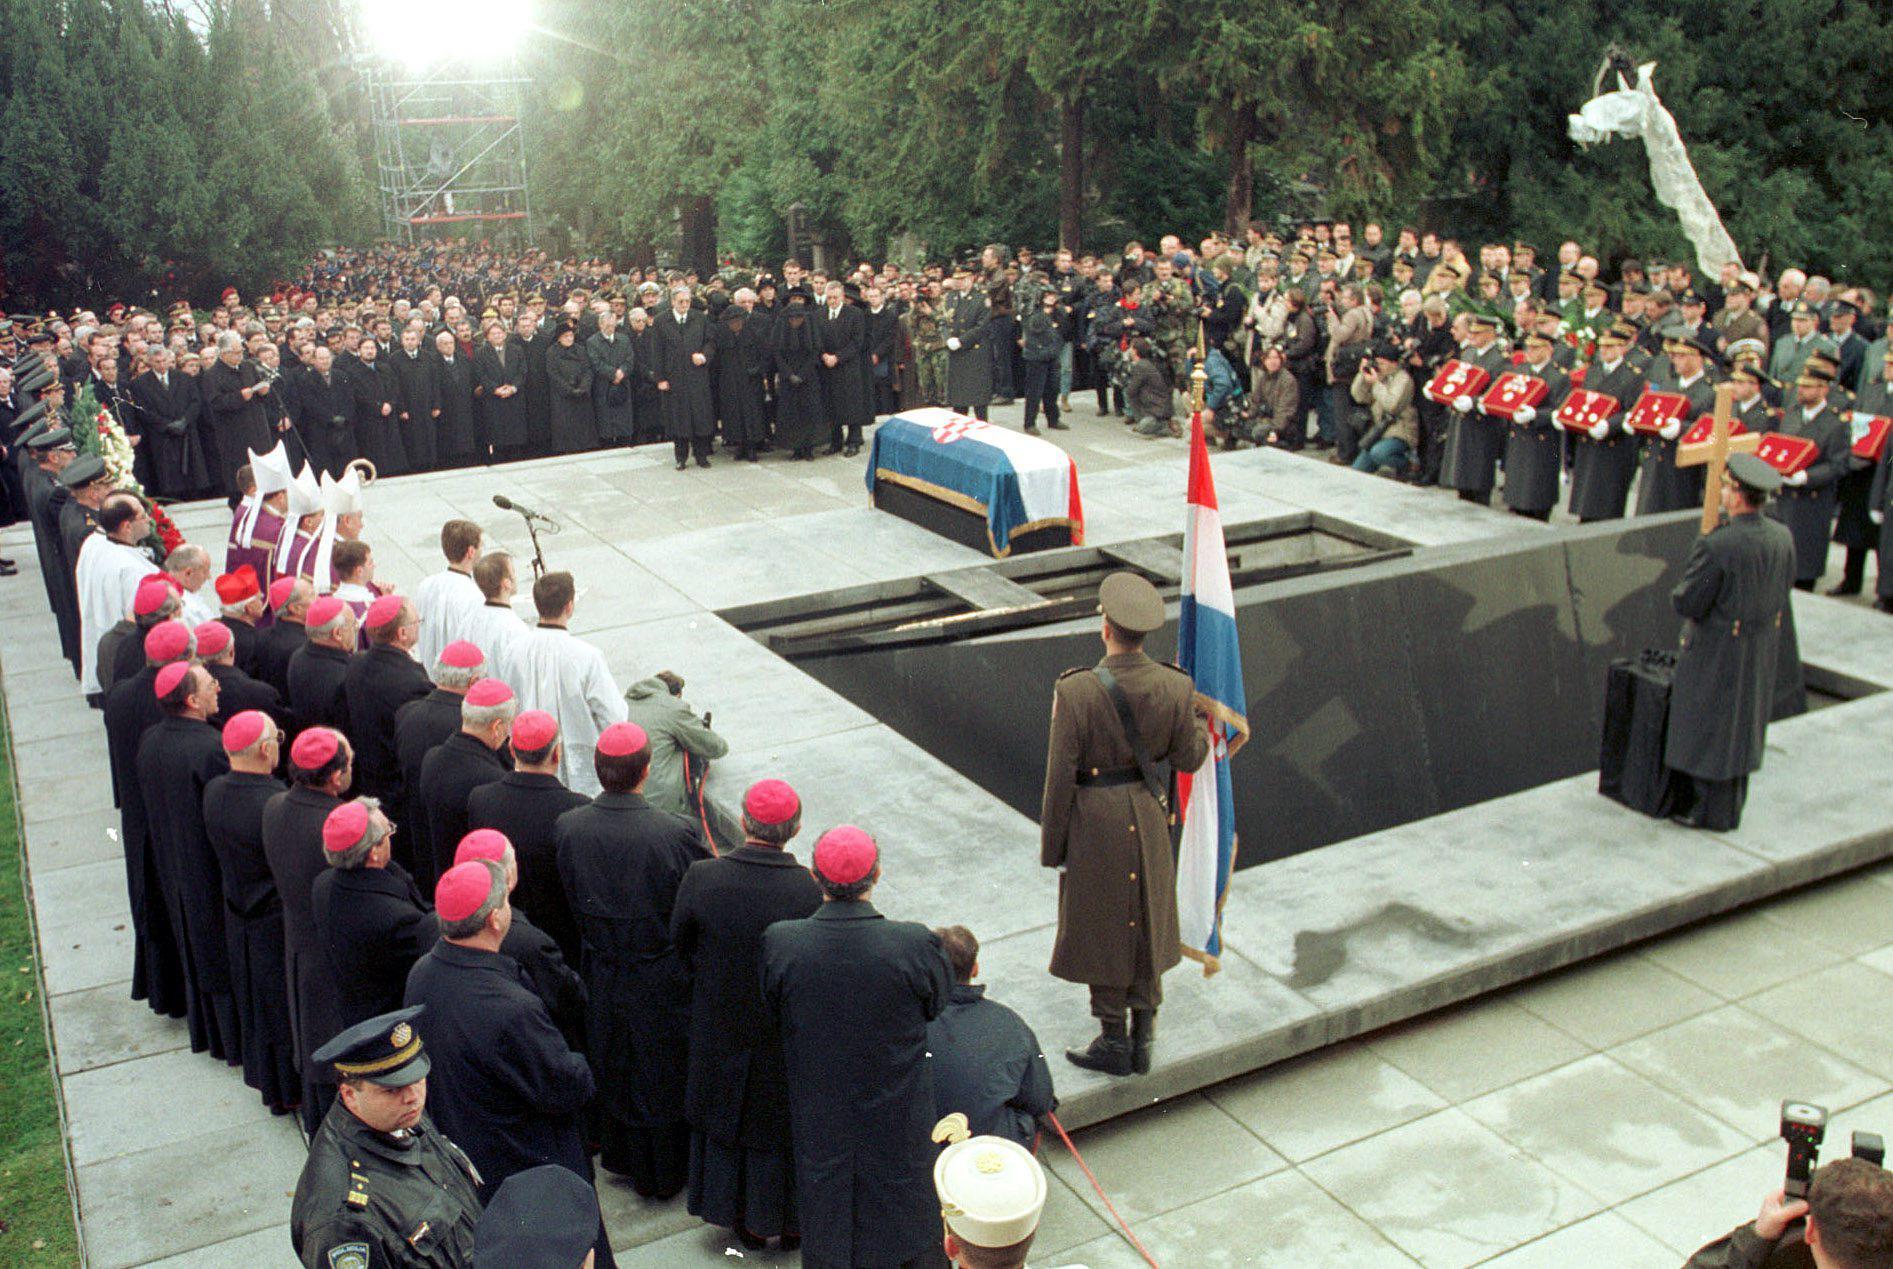 Na Tuđmanovu pogrebu bilo je više od sto tisuća građana i samo jedan strani predsjednik, Sulejman Demirel, te četiri premijera – Slovenije, Mađarske, BiH i Makedonije